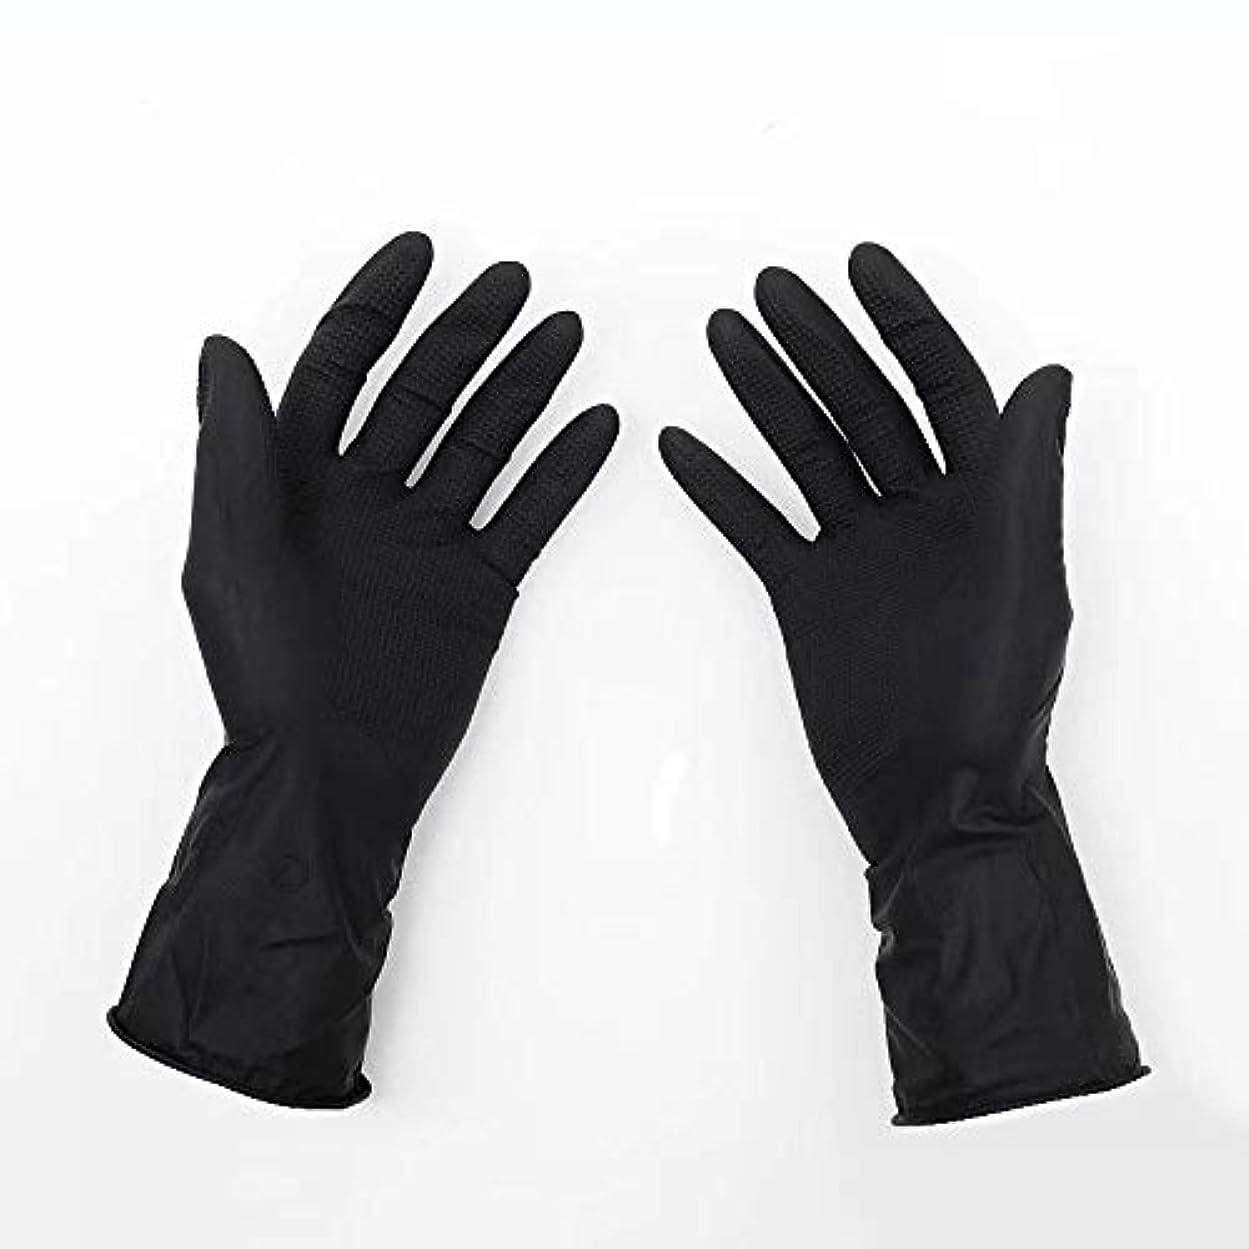 6pcs ビューティロンググローブ 滑り止め ヘアカラー用 パーマ ヘアシャンプー 手袋 理容師 美容師 美容サロン ブラック